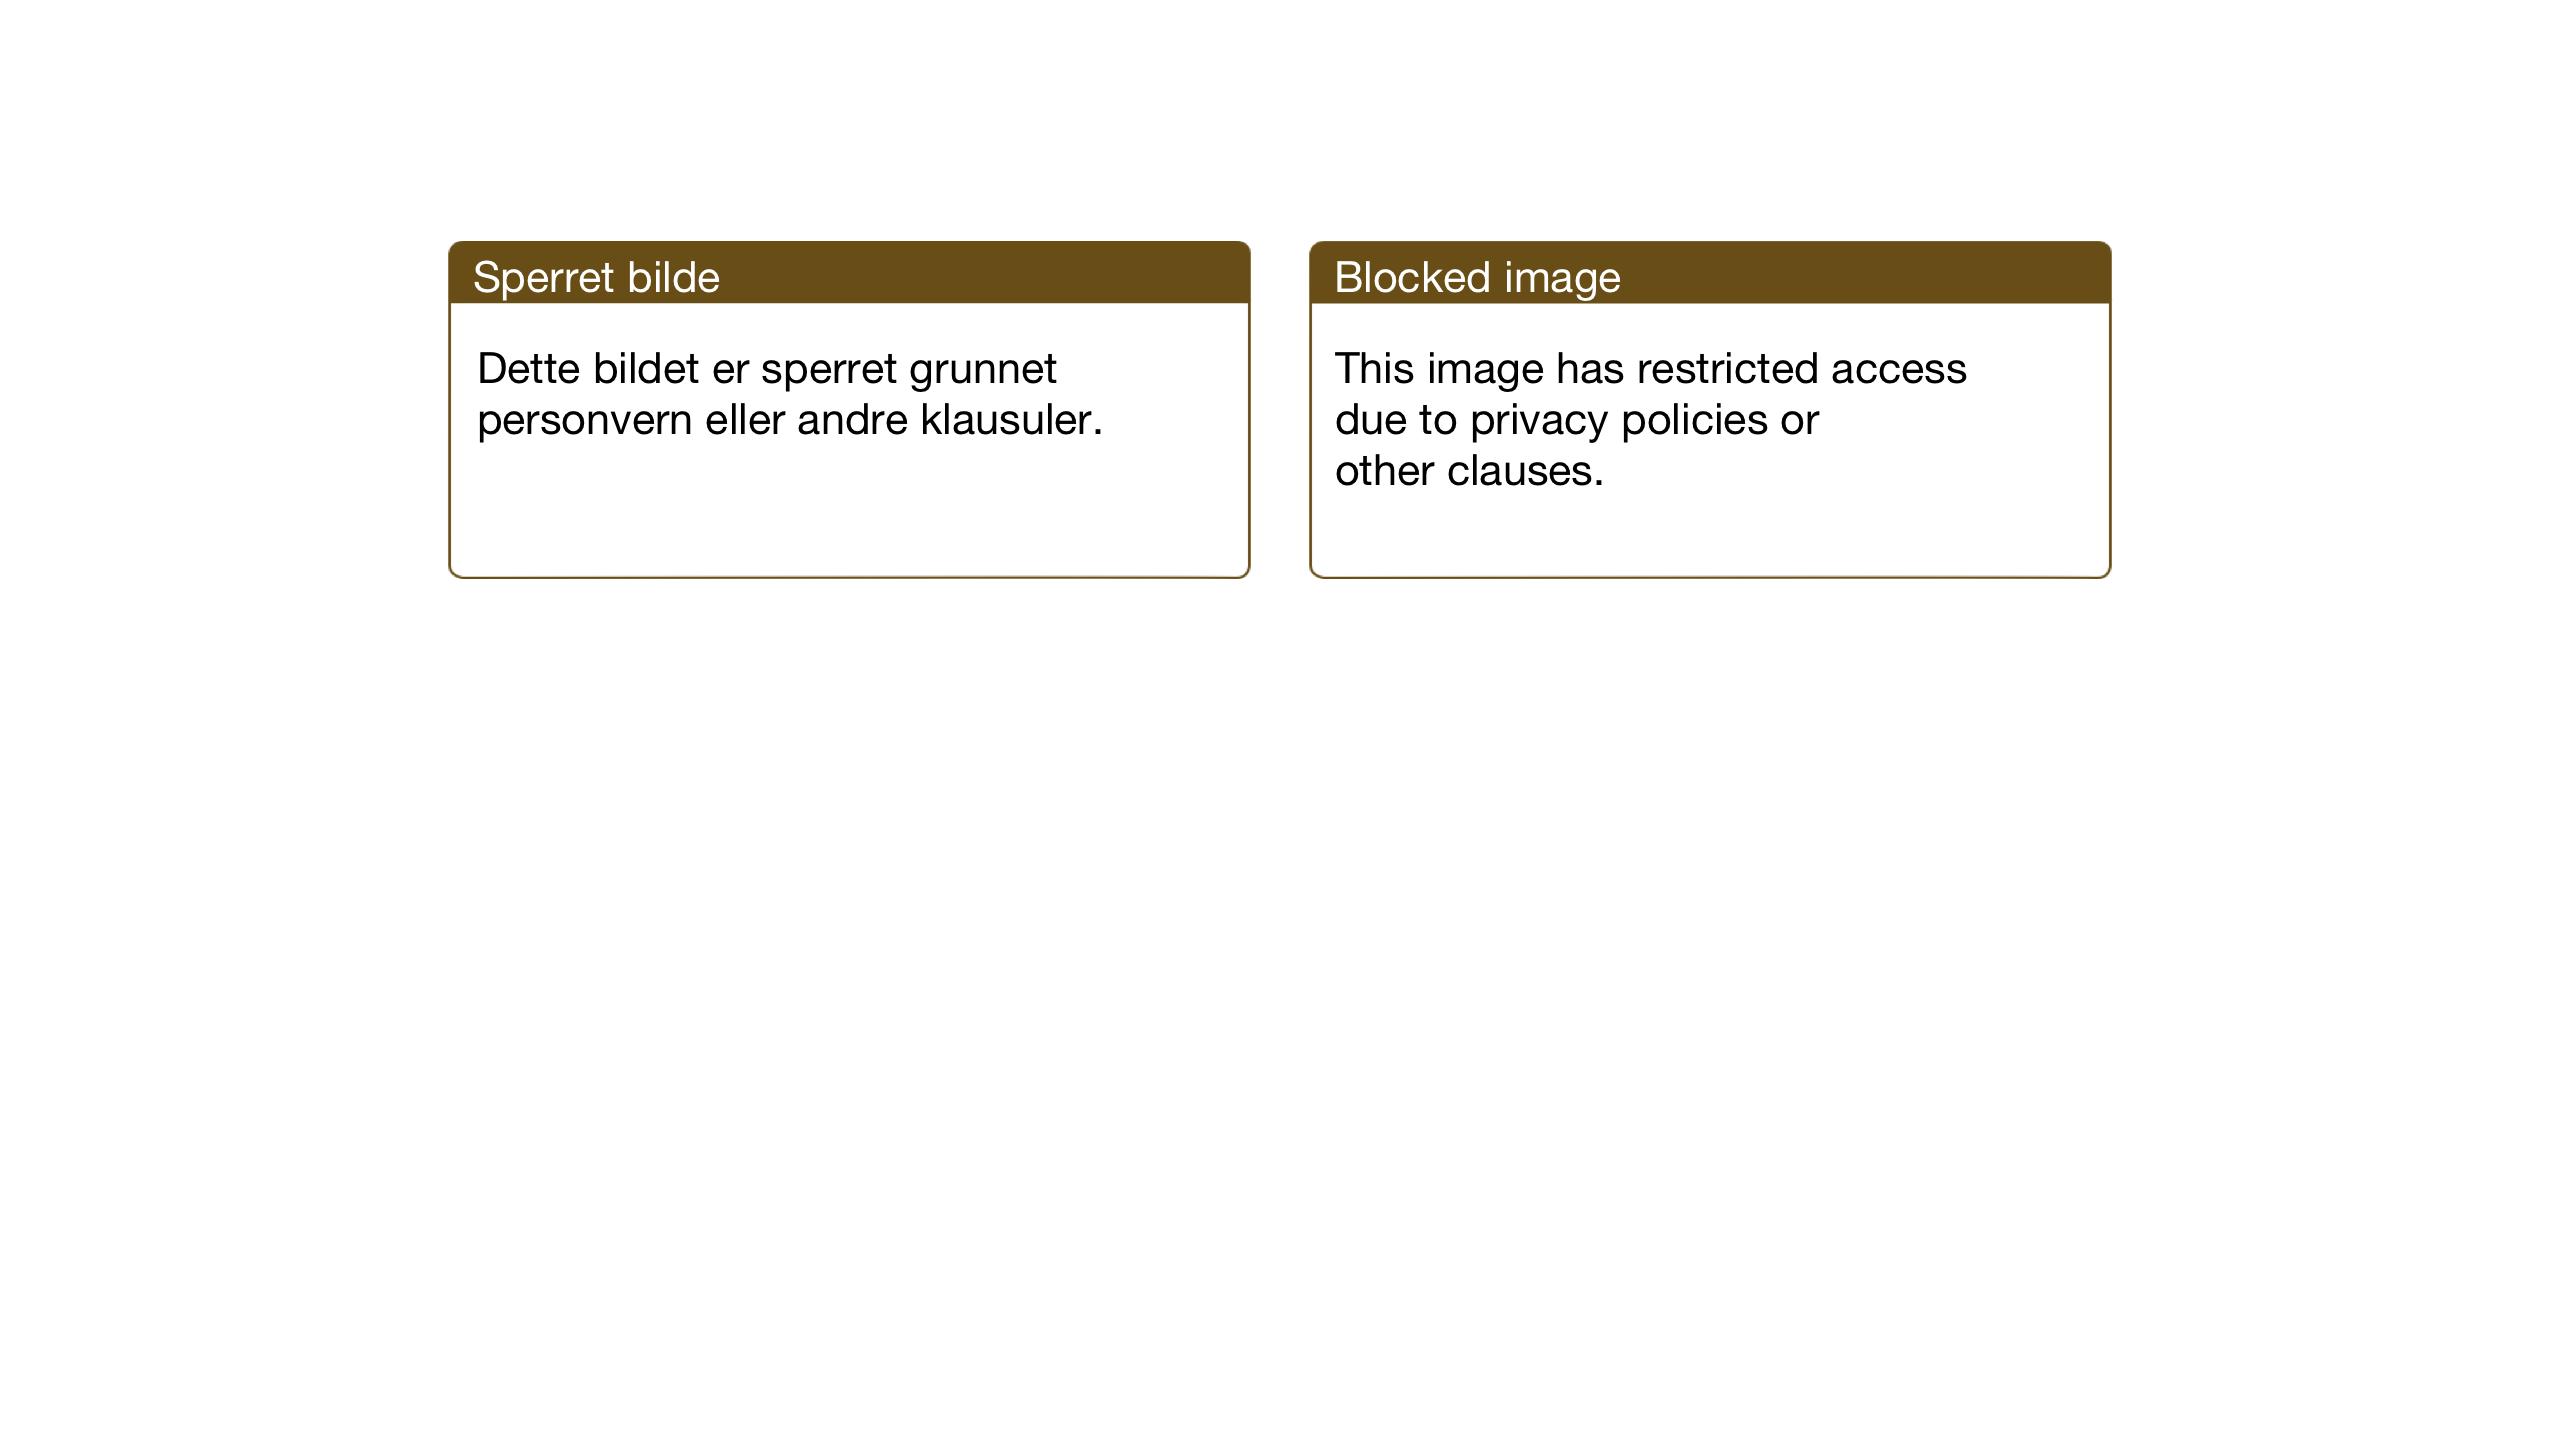 SAT, Ministerialprotokoller, klokkerbøker og fødselsregistre - Sør-Trøndelag, 633/L0521: Klokkerbok nr. 633C03, 1921-1941, s. 87